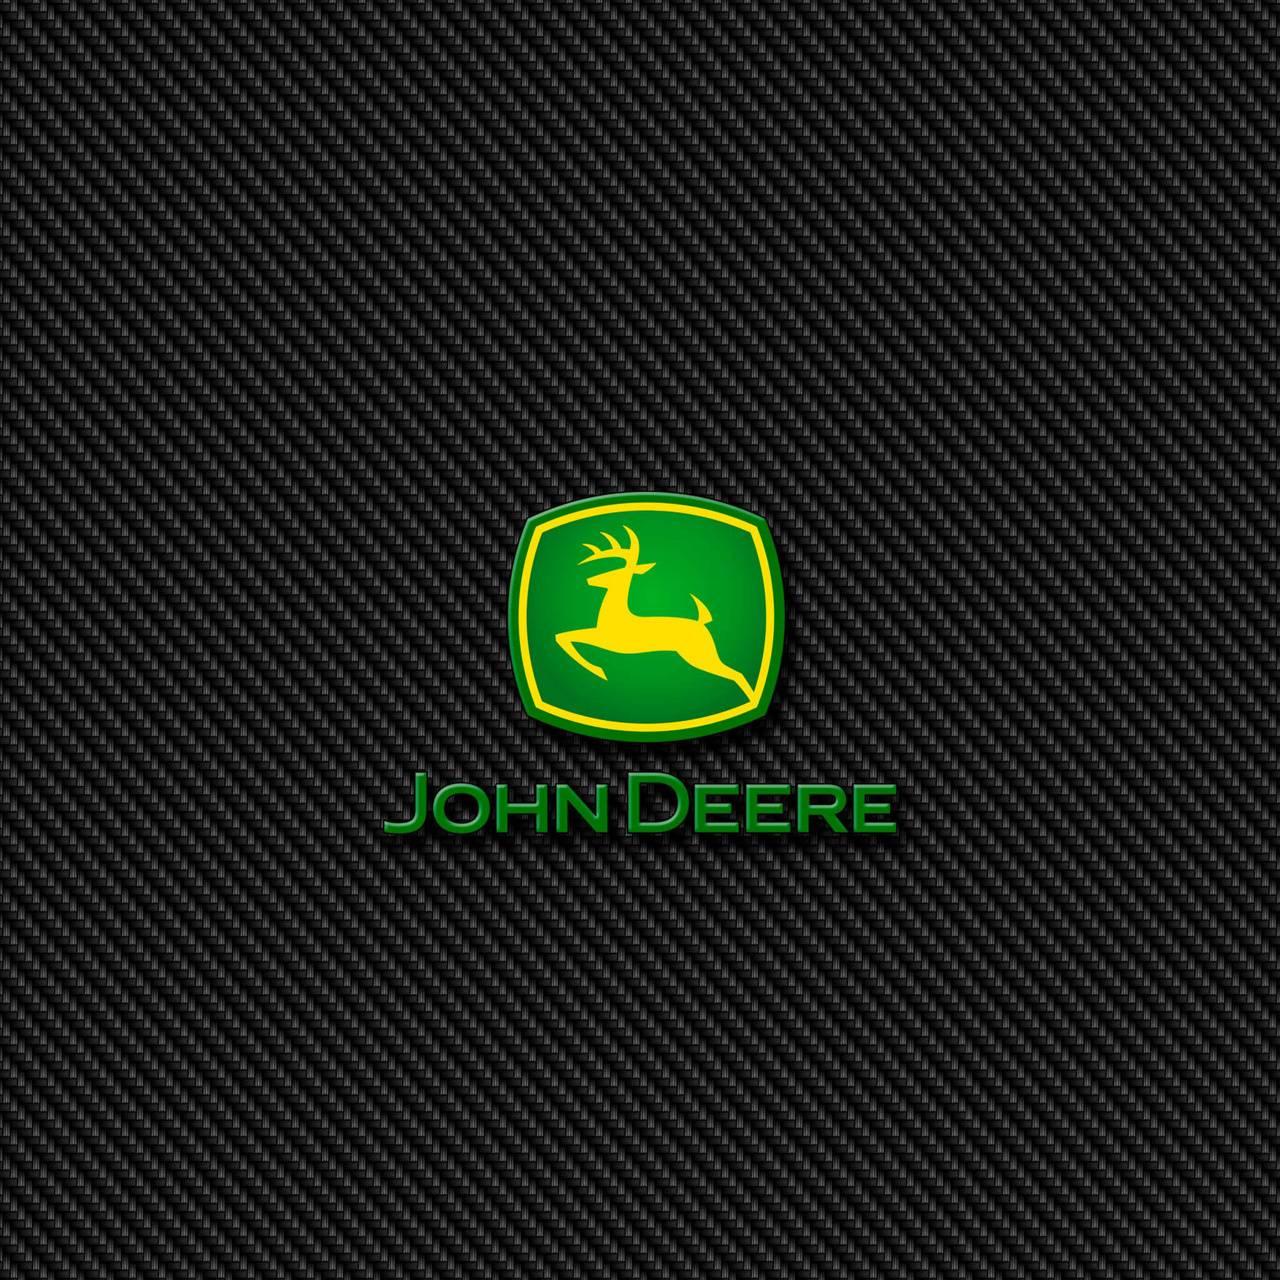 John Deere Carbon Wallpaper By Bruceiras 1d Free On Zedge